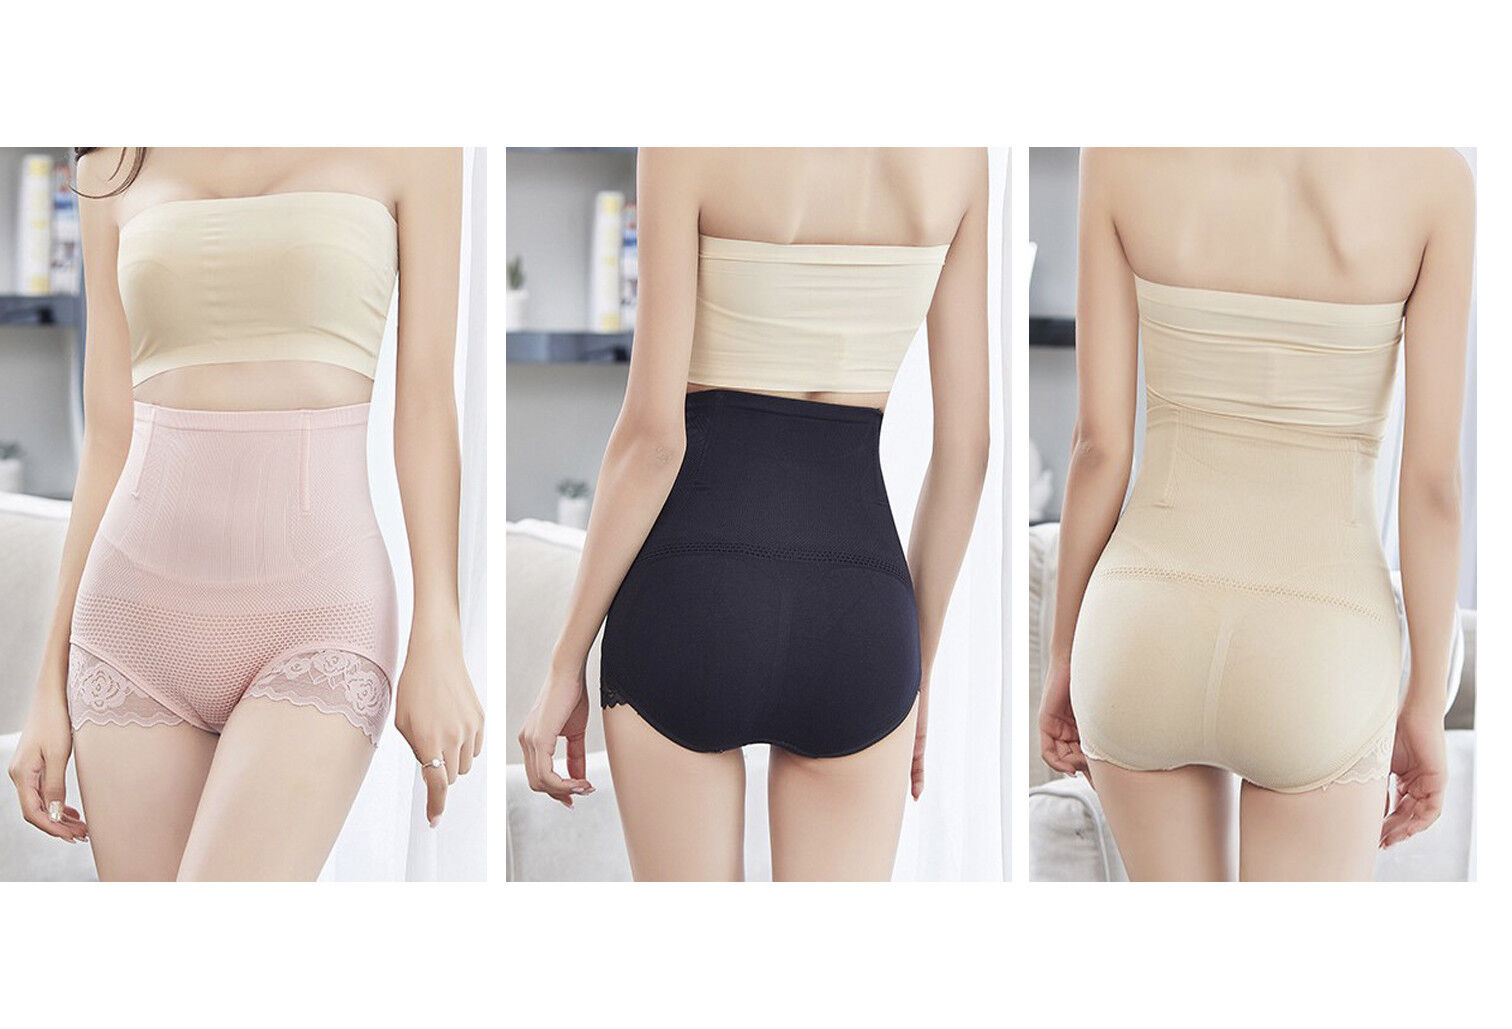 Stomaco Modellante per il Corpo Biancheria Intima Shapewear Vita Sottile